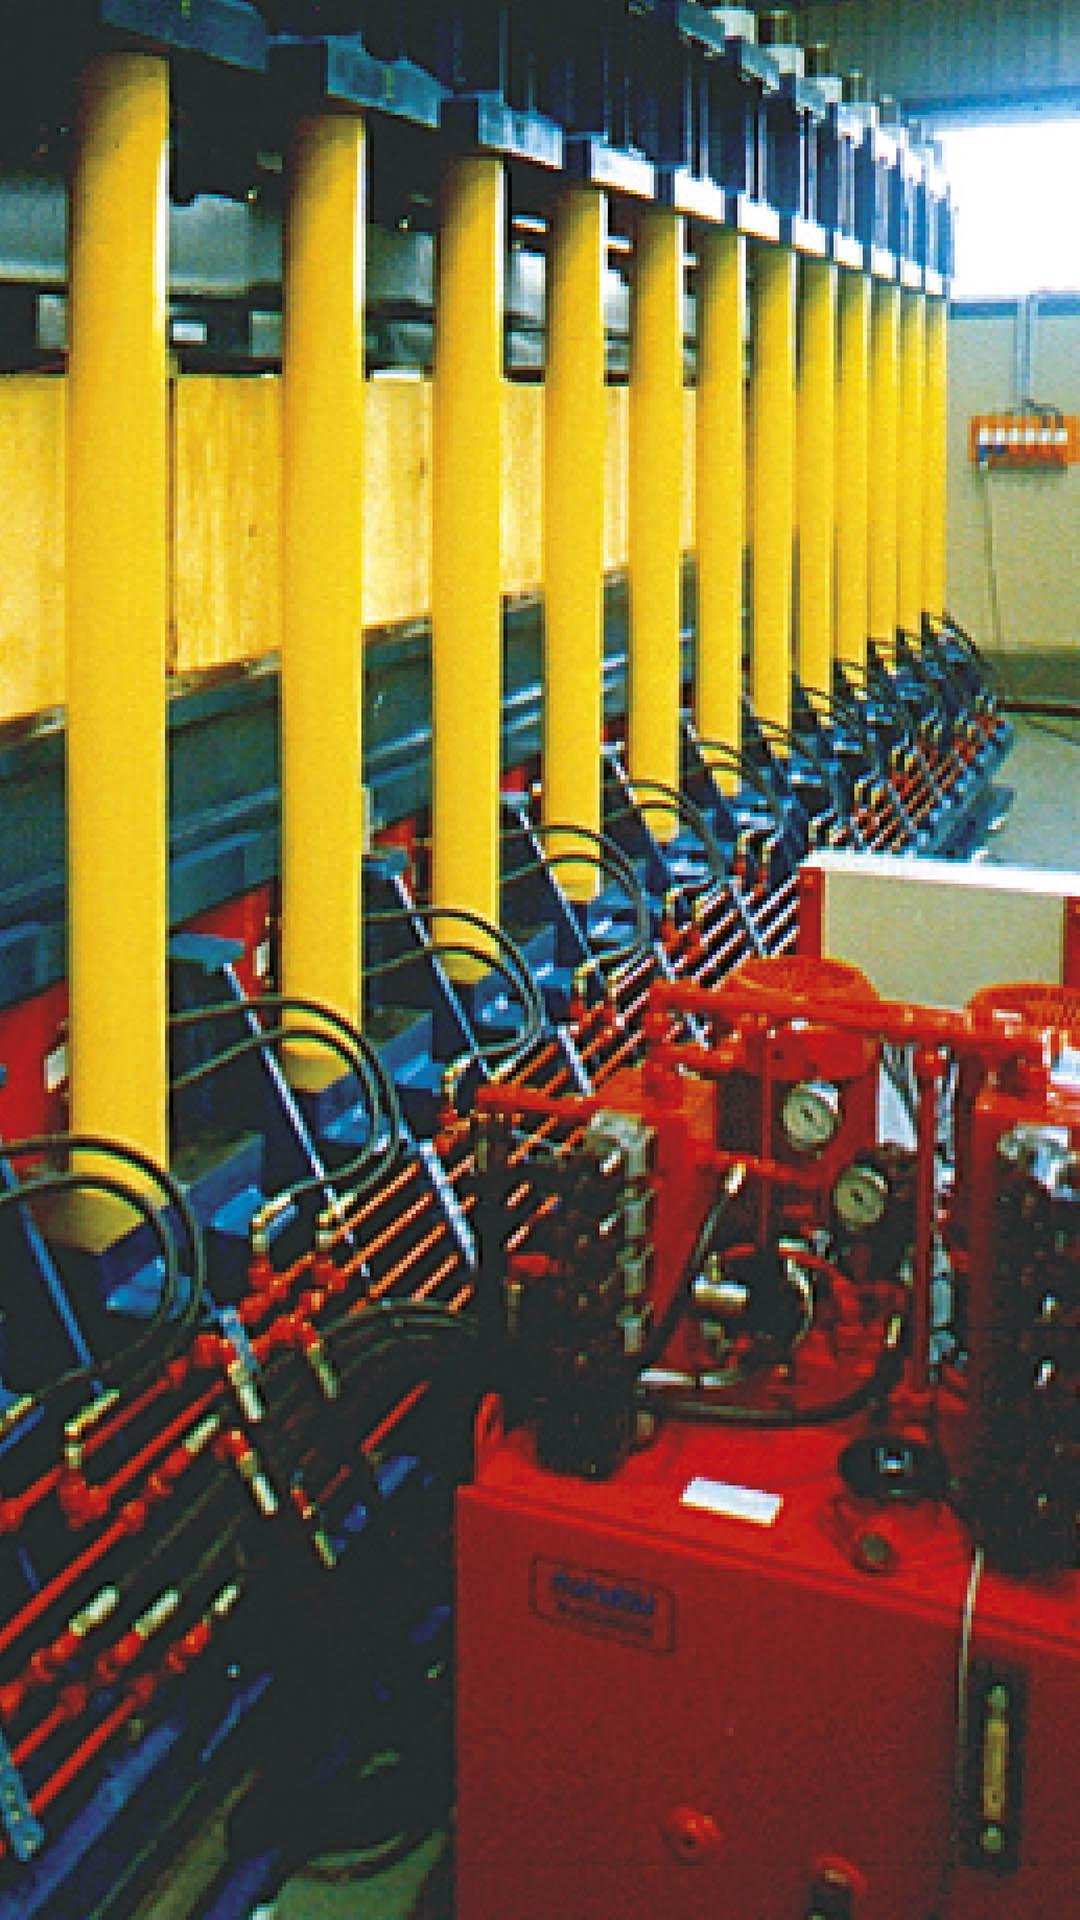 ulbrich-maschinenbau-hydraulische-presse